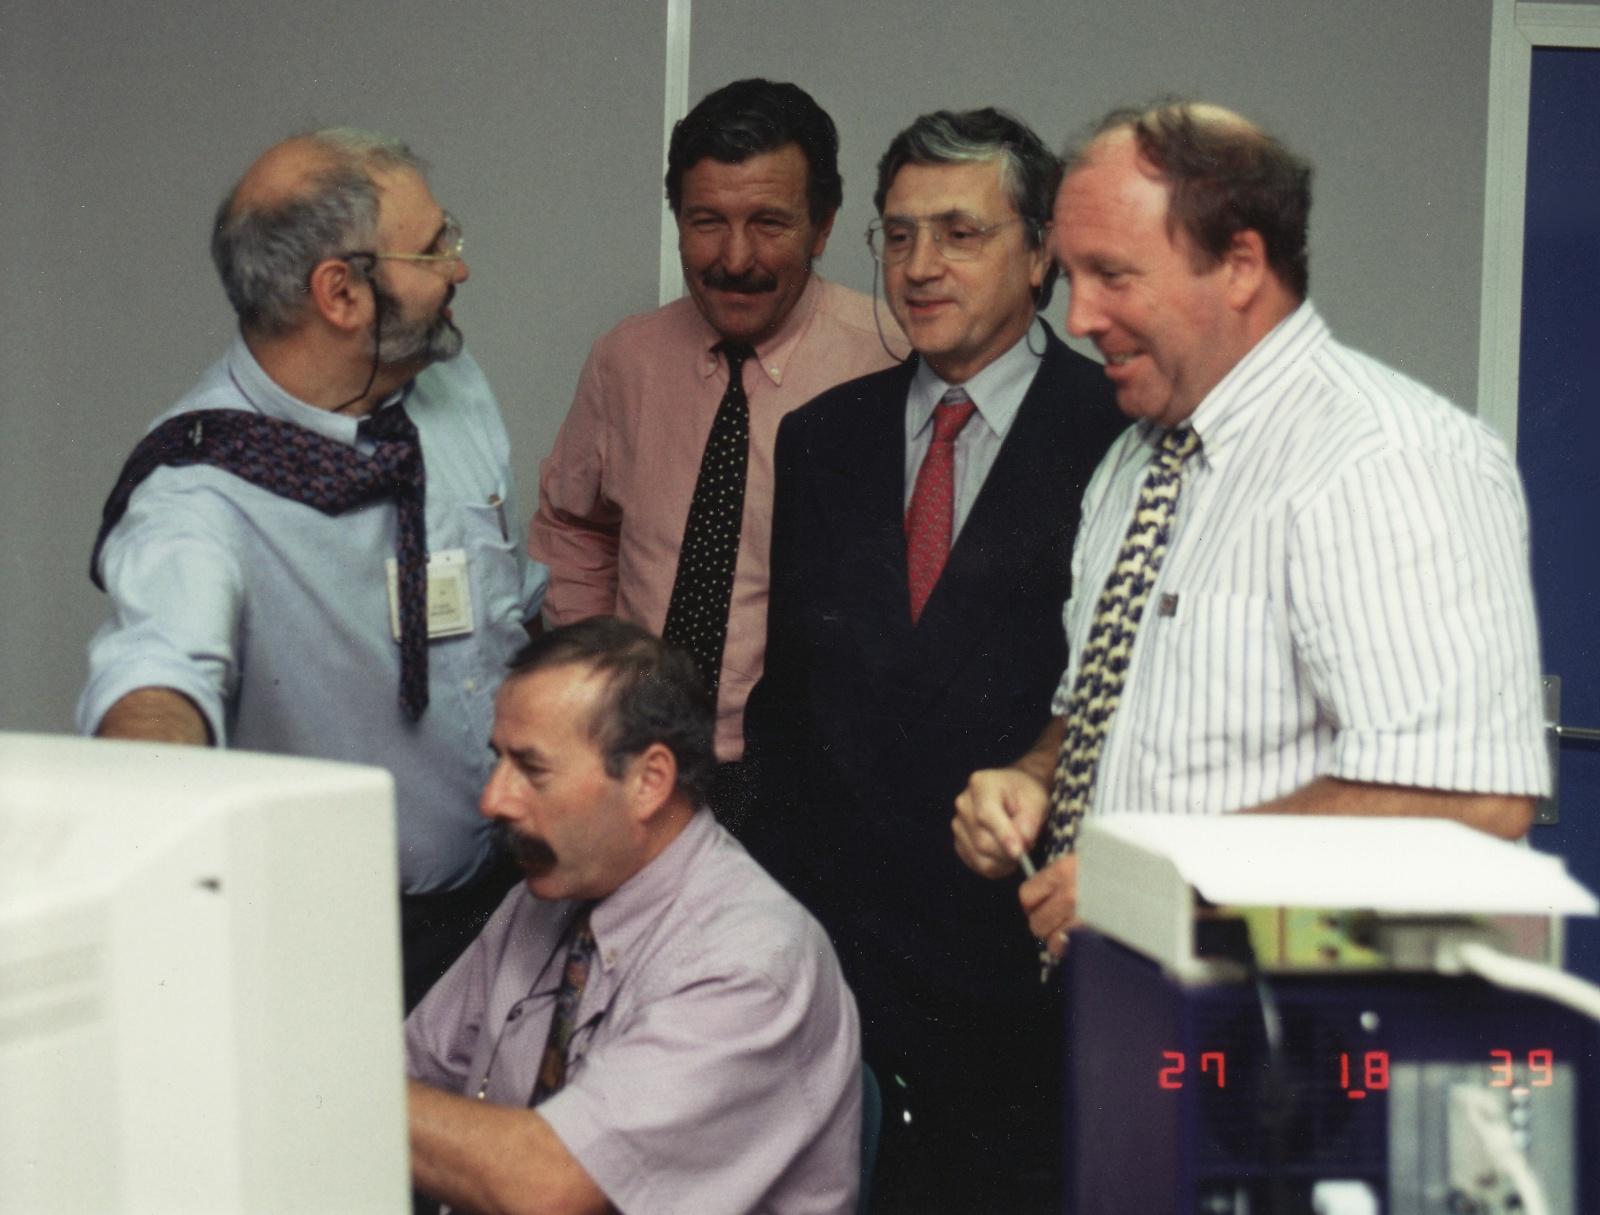 Lancement SPOT-3 - Première image SPOT-3 - 27 septembre 1993 - CNES - Spot Image - Philippe Delclaux - Jean-Claude Cazaux - Gérard Brachet - Michel Courtois